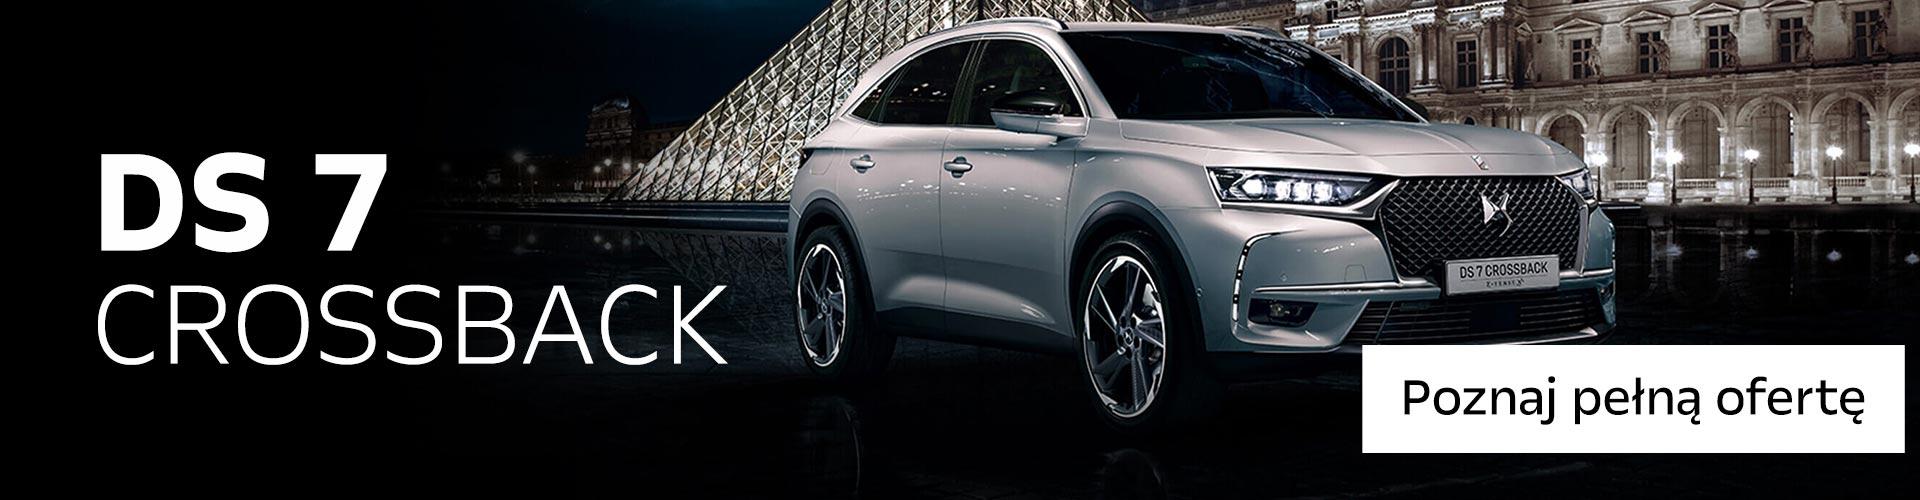 ds-automobiles-2021-ds-7-crossback